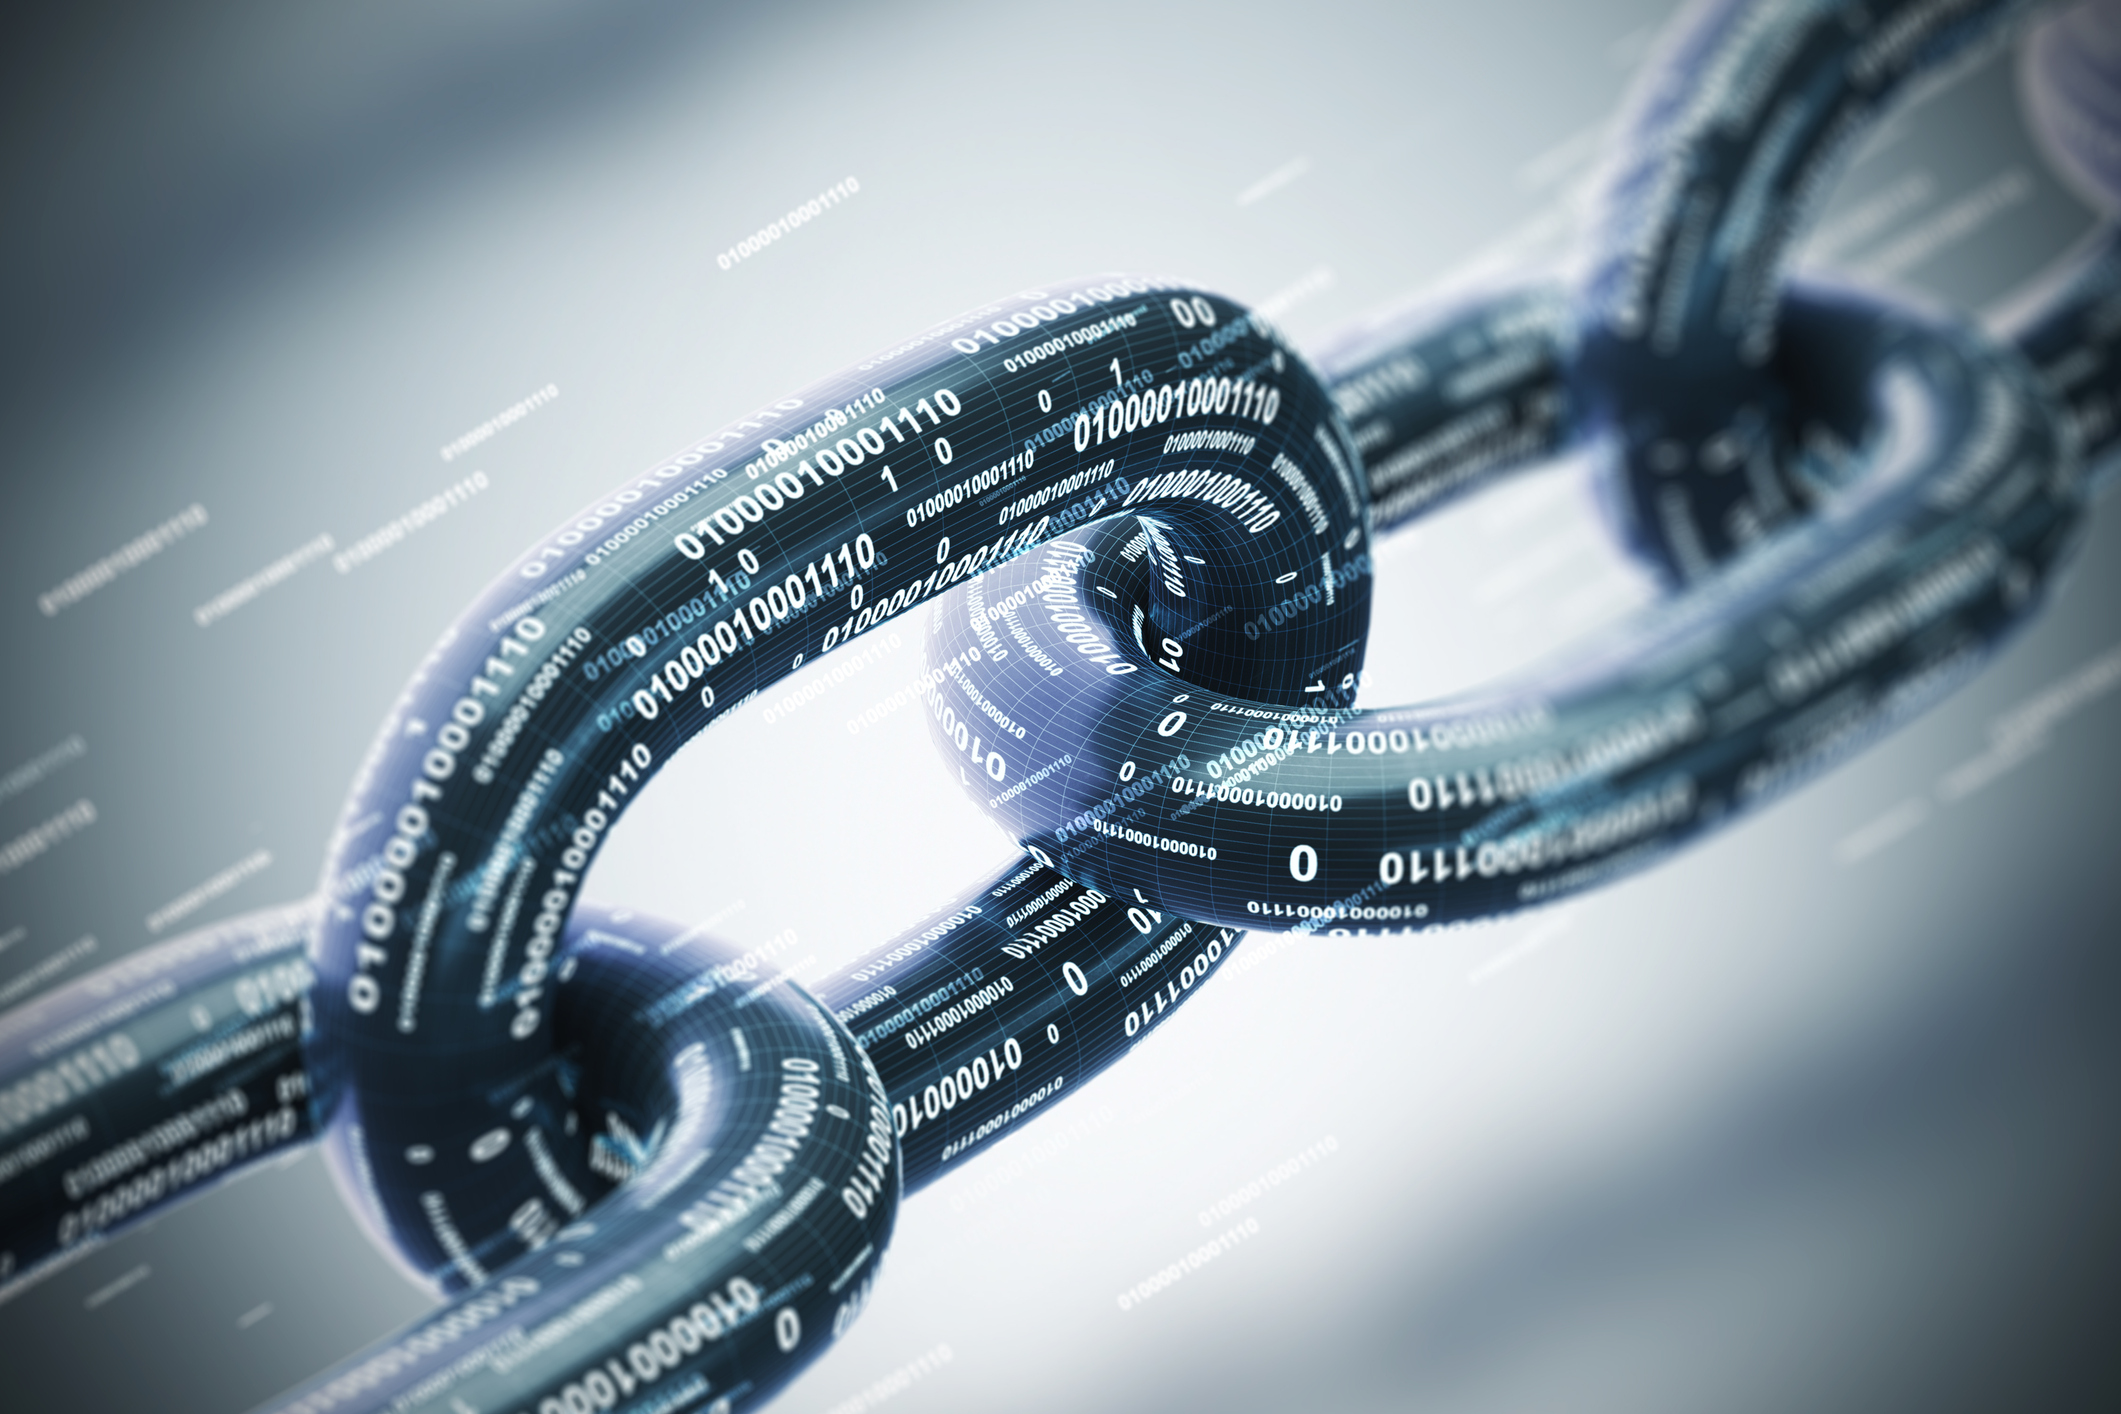 Tehnologia blockchain va fi pusă cu adevărat în valoare din 2025